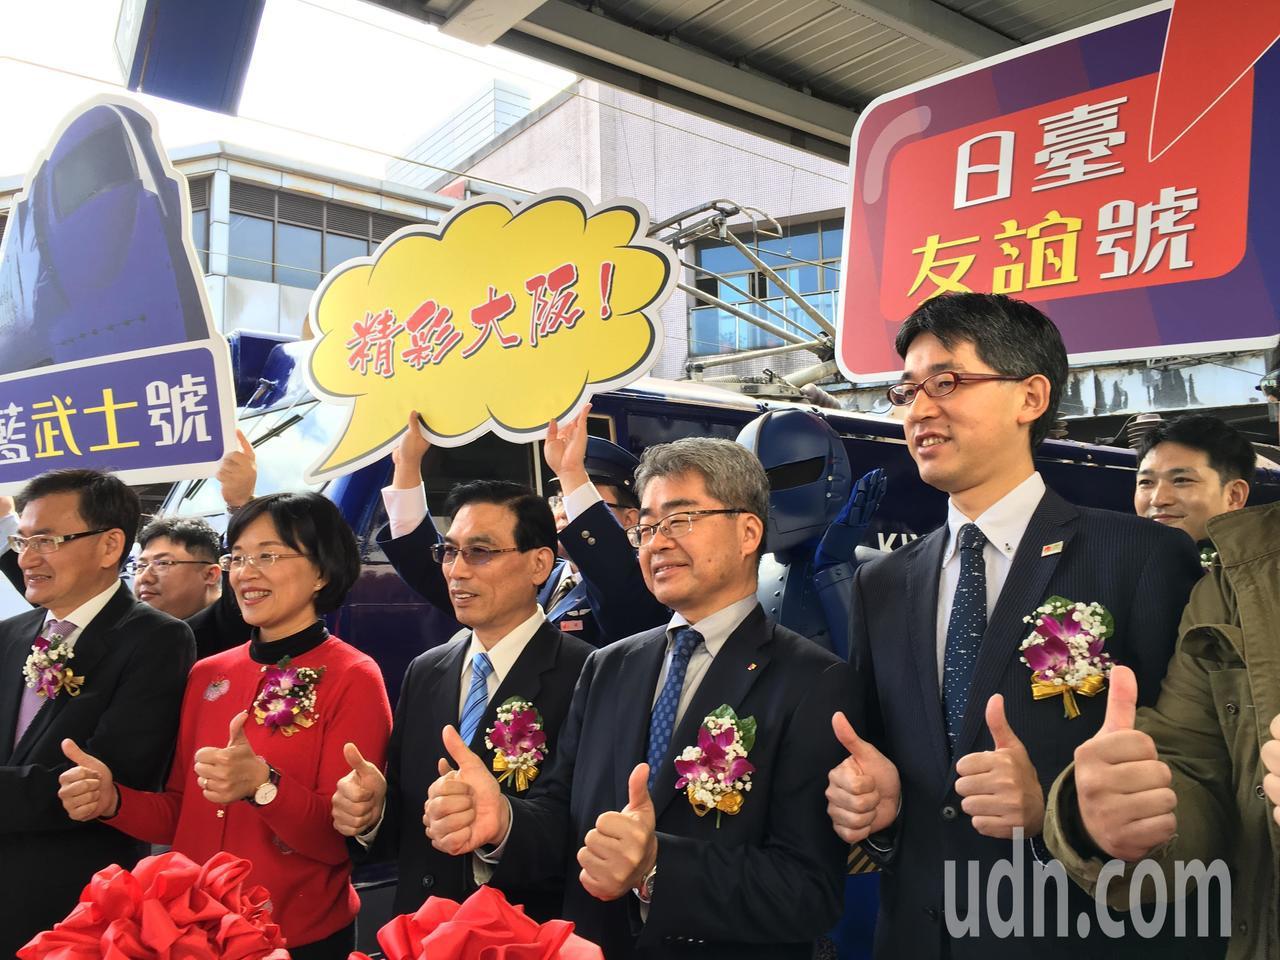 日本南海電鐵與台鐵合作,推出彩繪列車「藍武士號」及「台日友誼號」,今天剪綵亮相。...